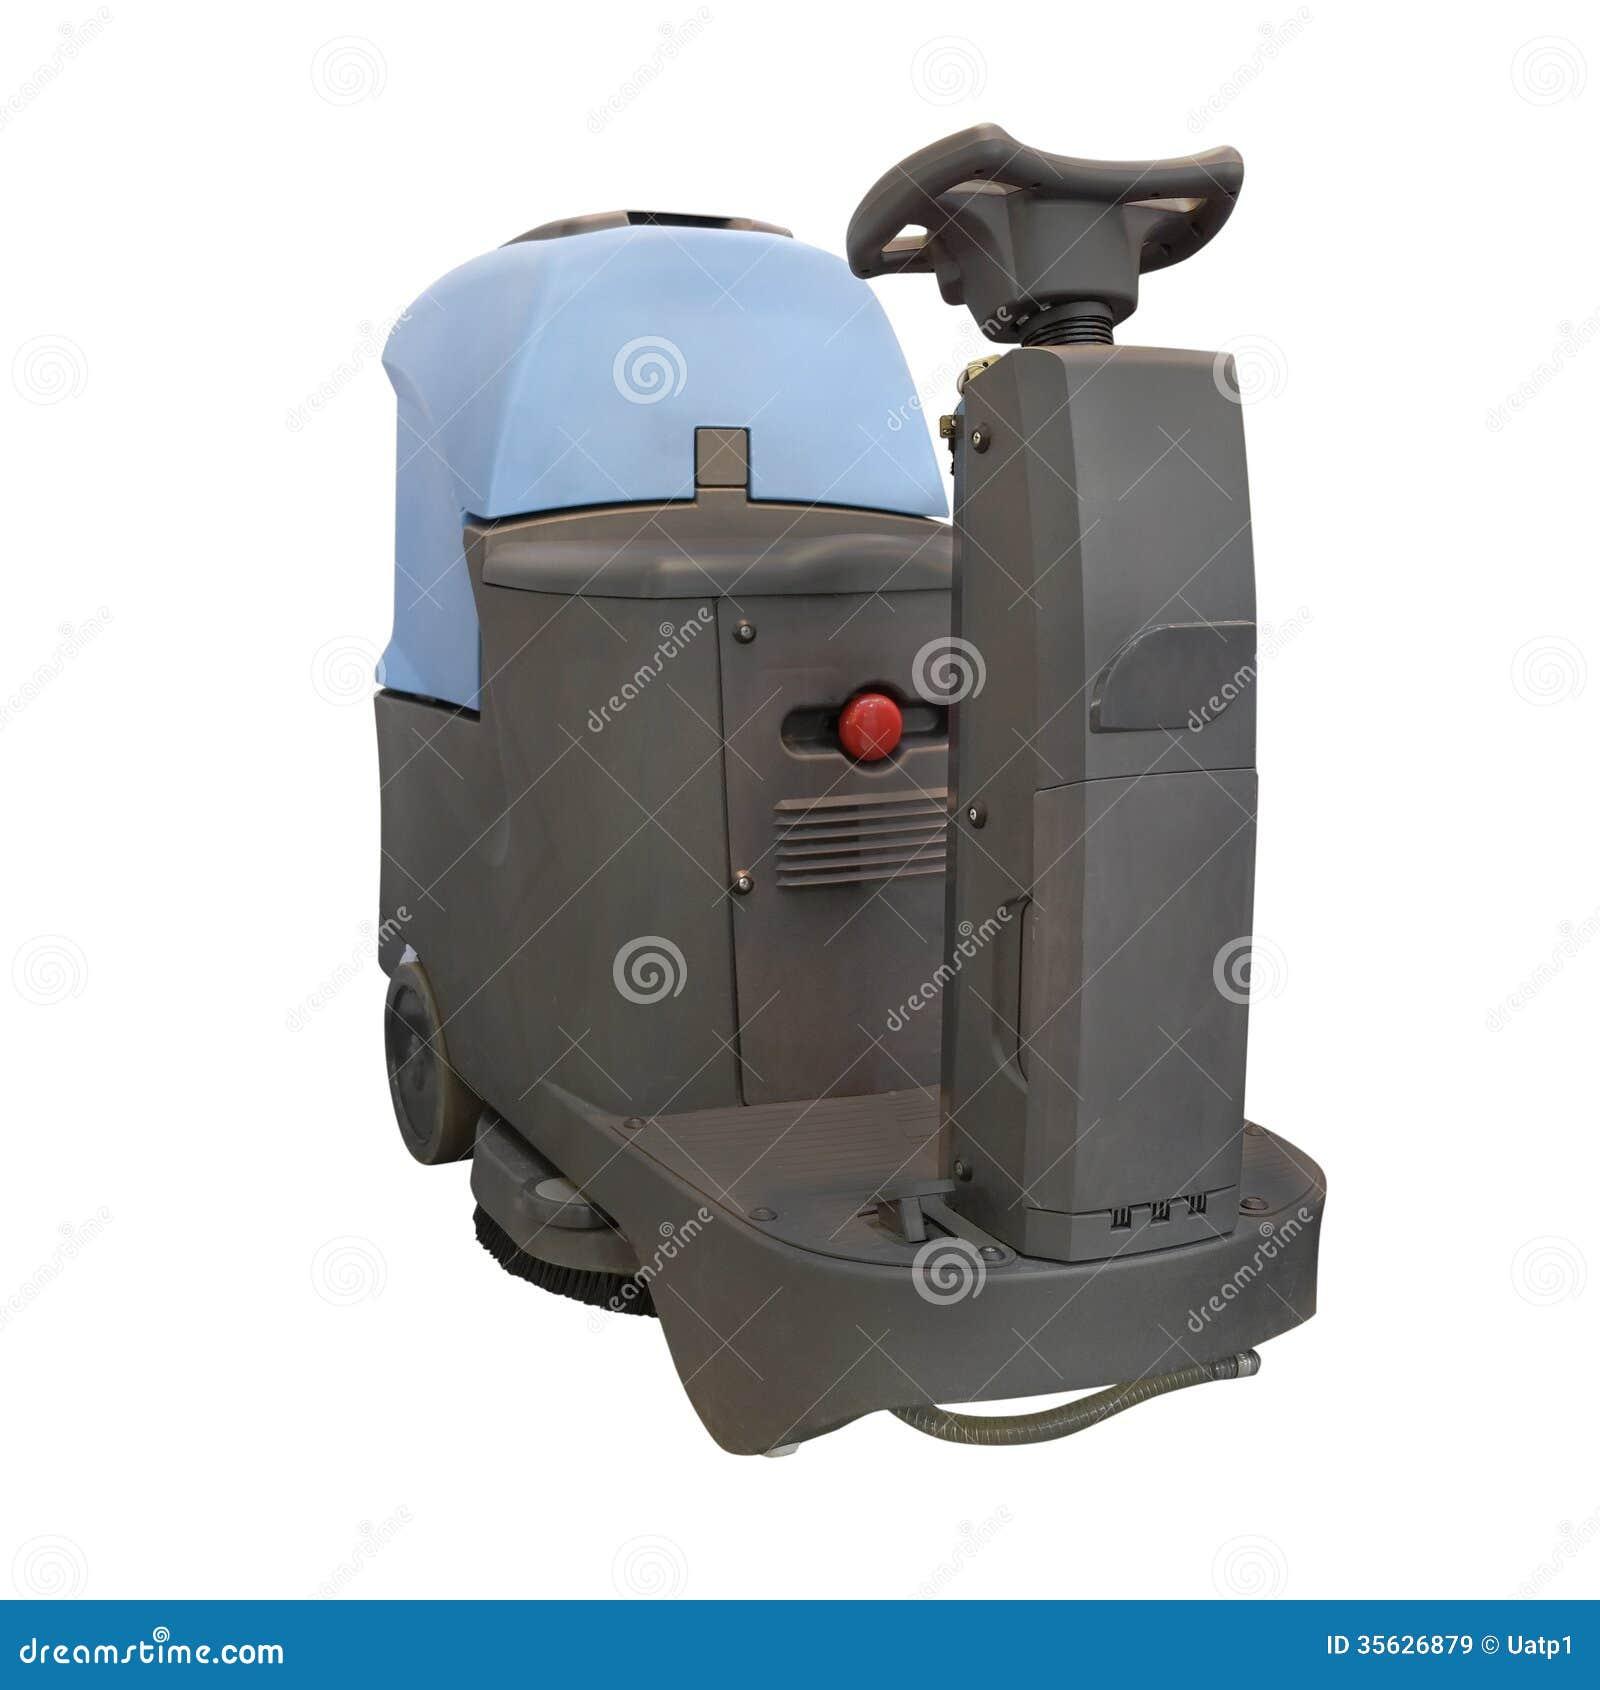 Floor washing machine stock image for Floor washing machine